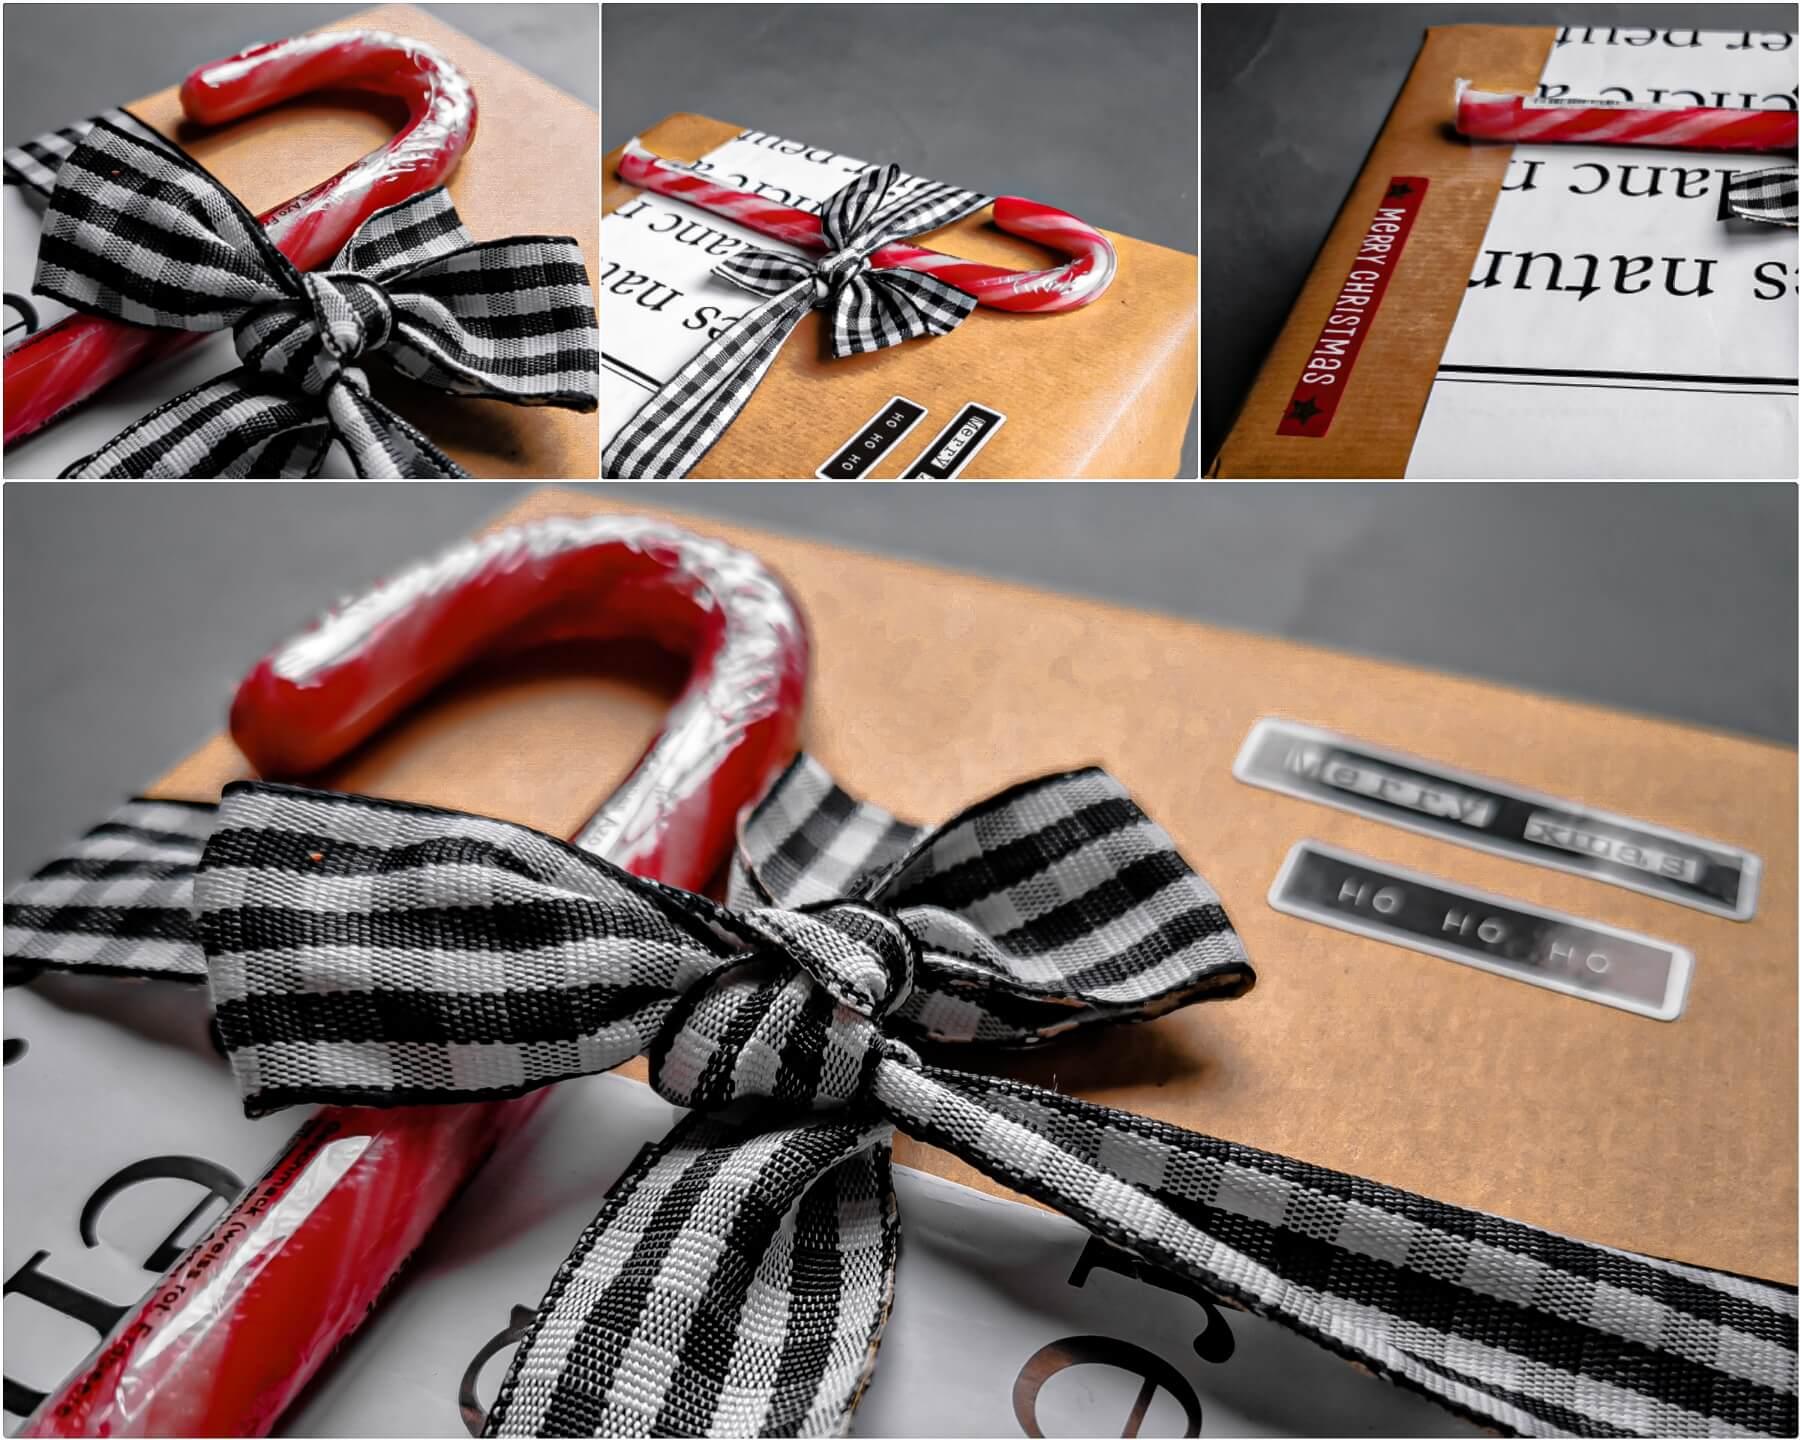 inCollage 20191215 035324668 resized 20191215 054324212 1 - 11 tipov ako zabaliť vianočné darčeky originálne a kreatívne